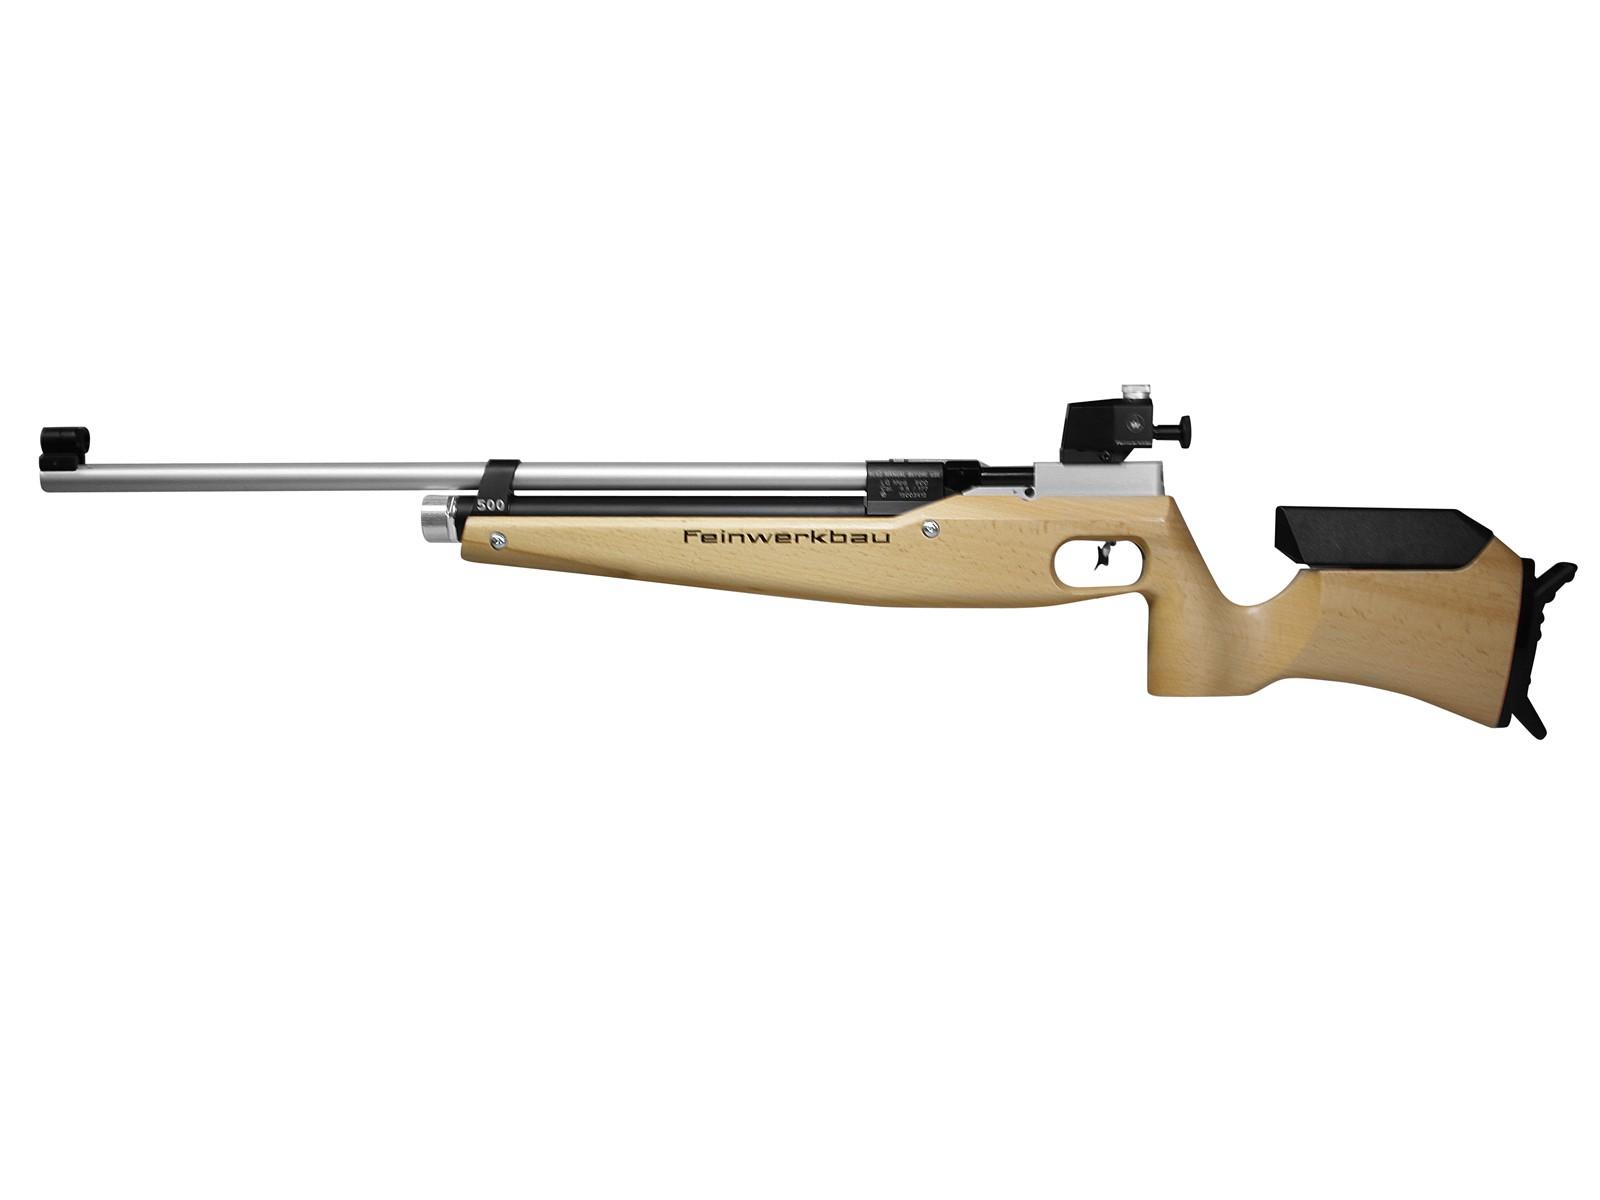 Feinwerkbau 500 10-Meter Air Rifle